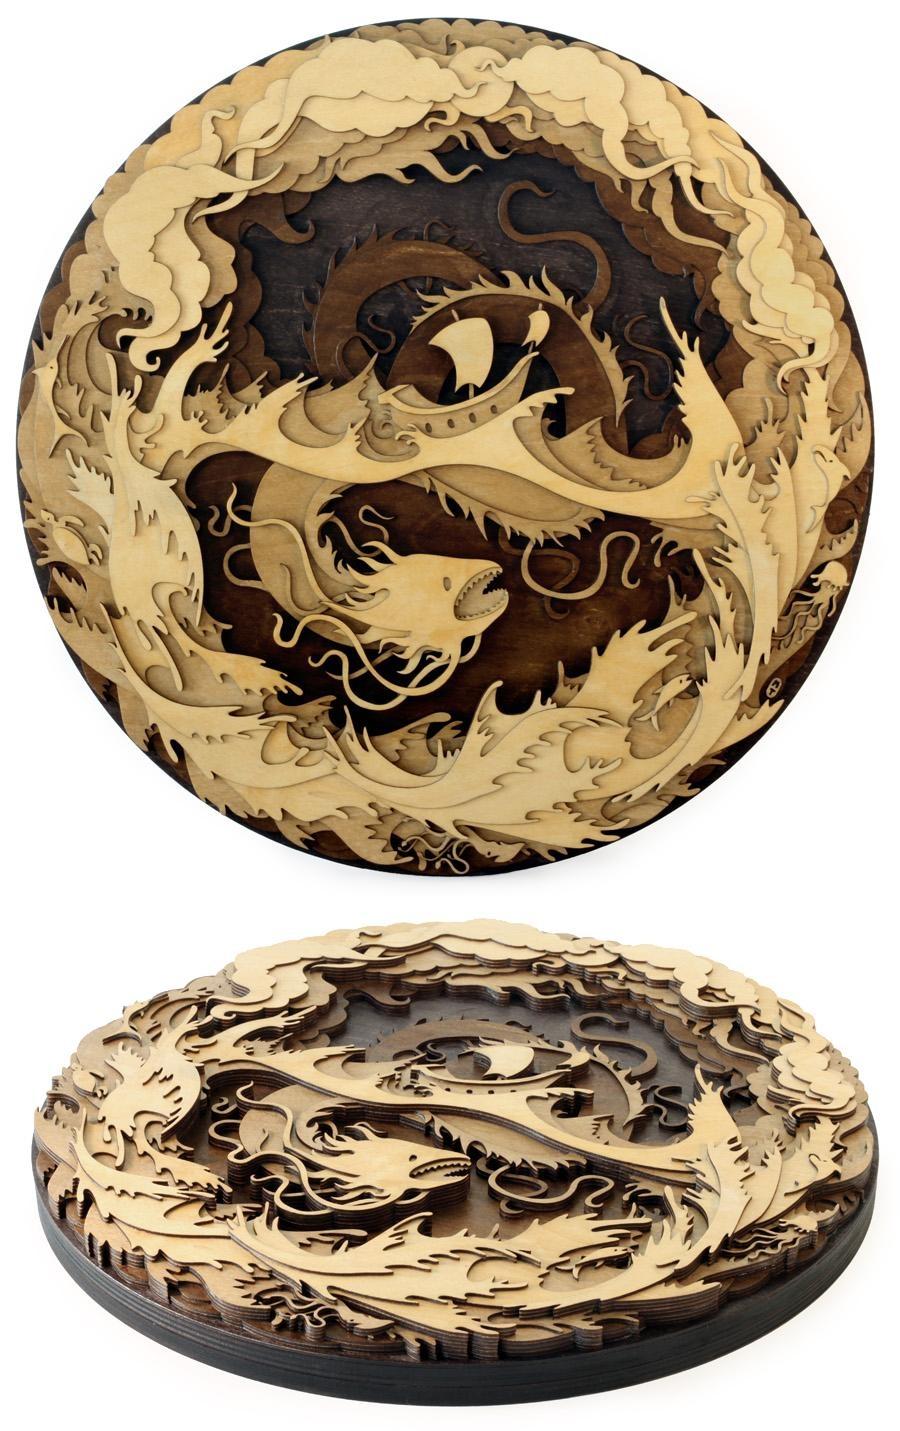 criaturas-miticas-creadas-de-madera-5